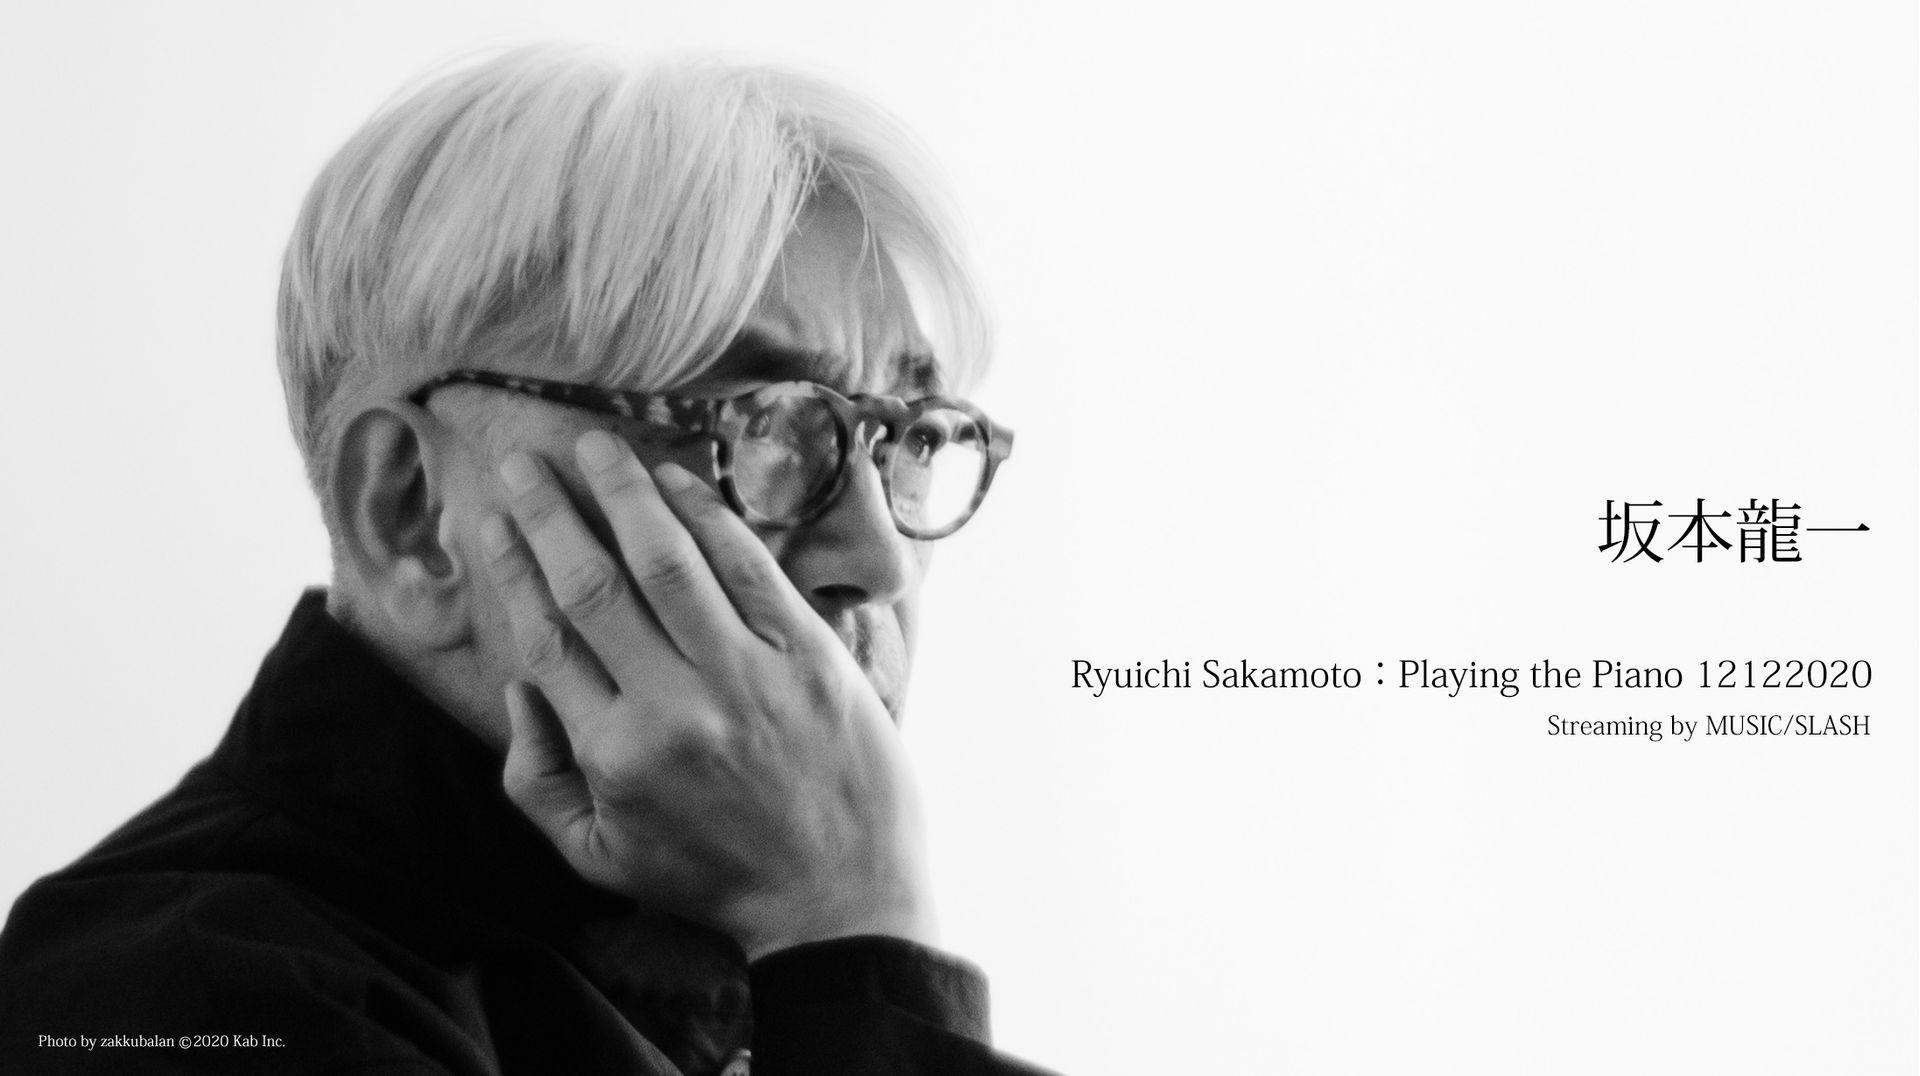 [MUSIC/SLASH] Ryuichi Sakamoto : Playing the Piano 12122020